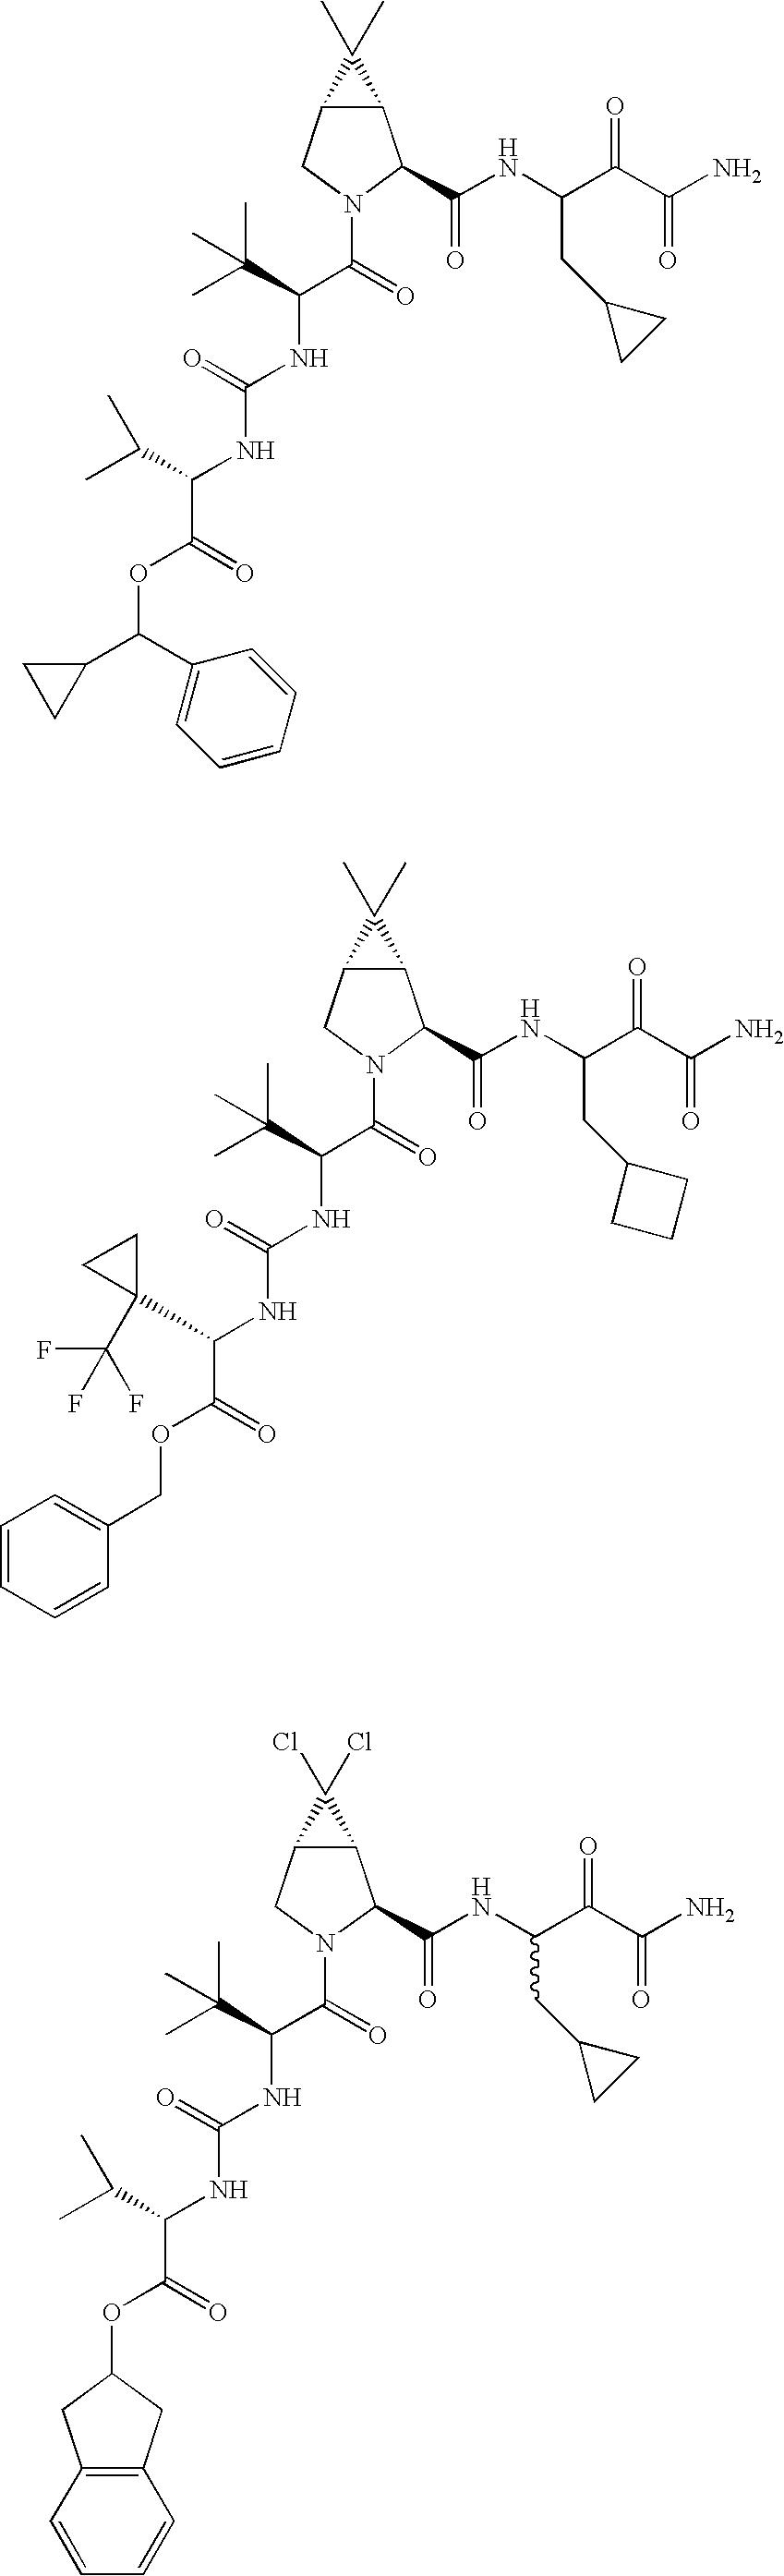 Figure US20060287248A1-20061221-C00257